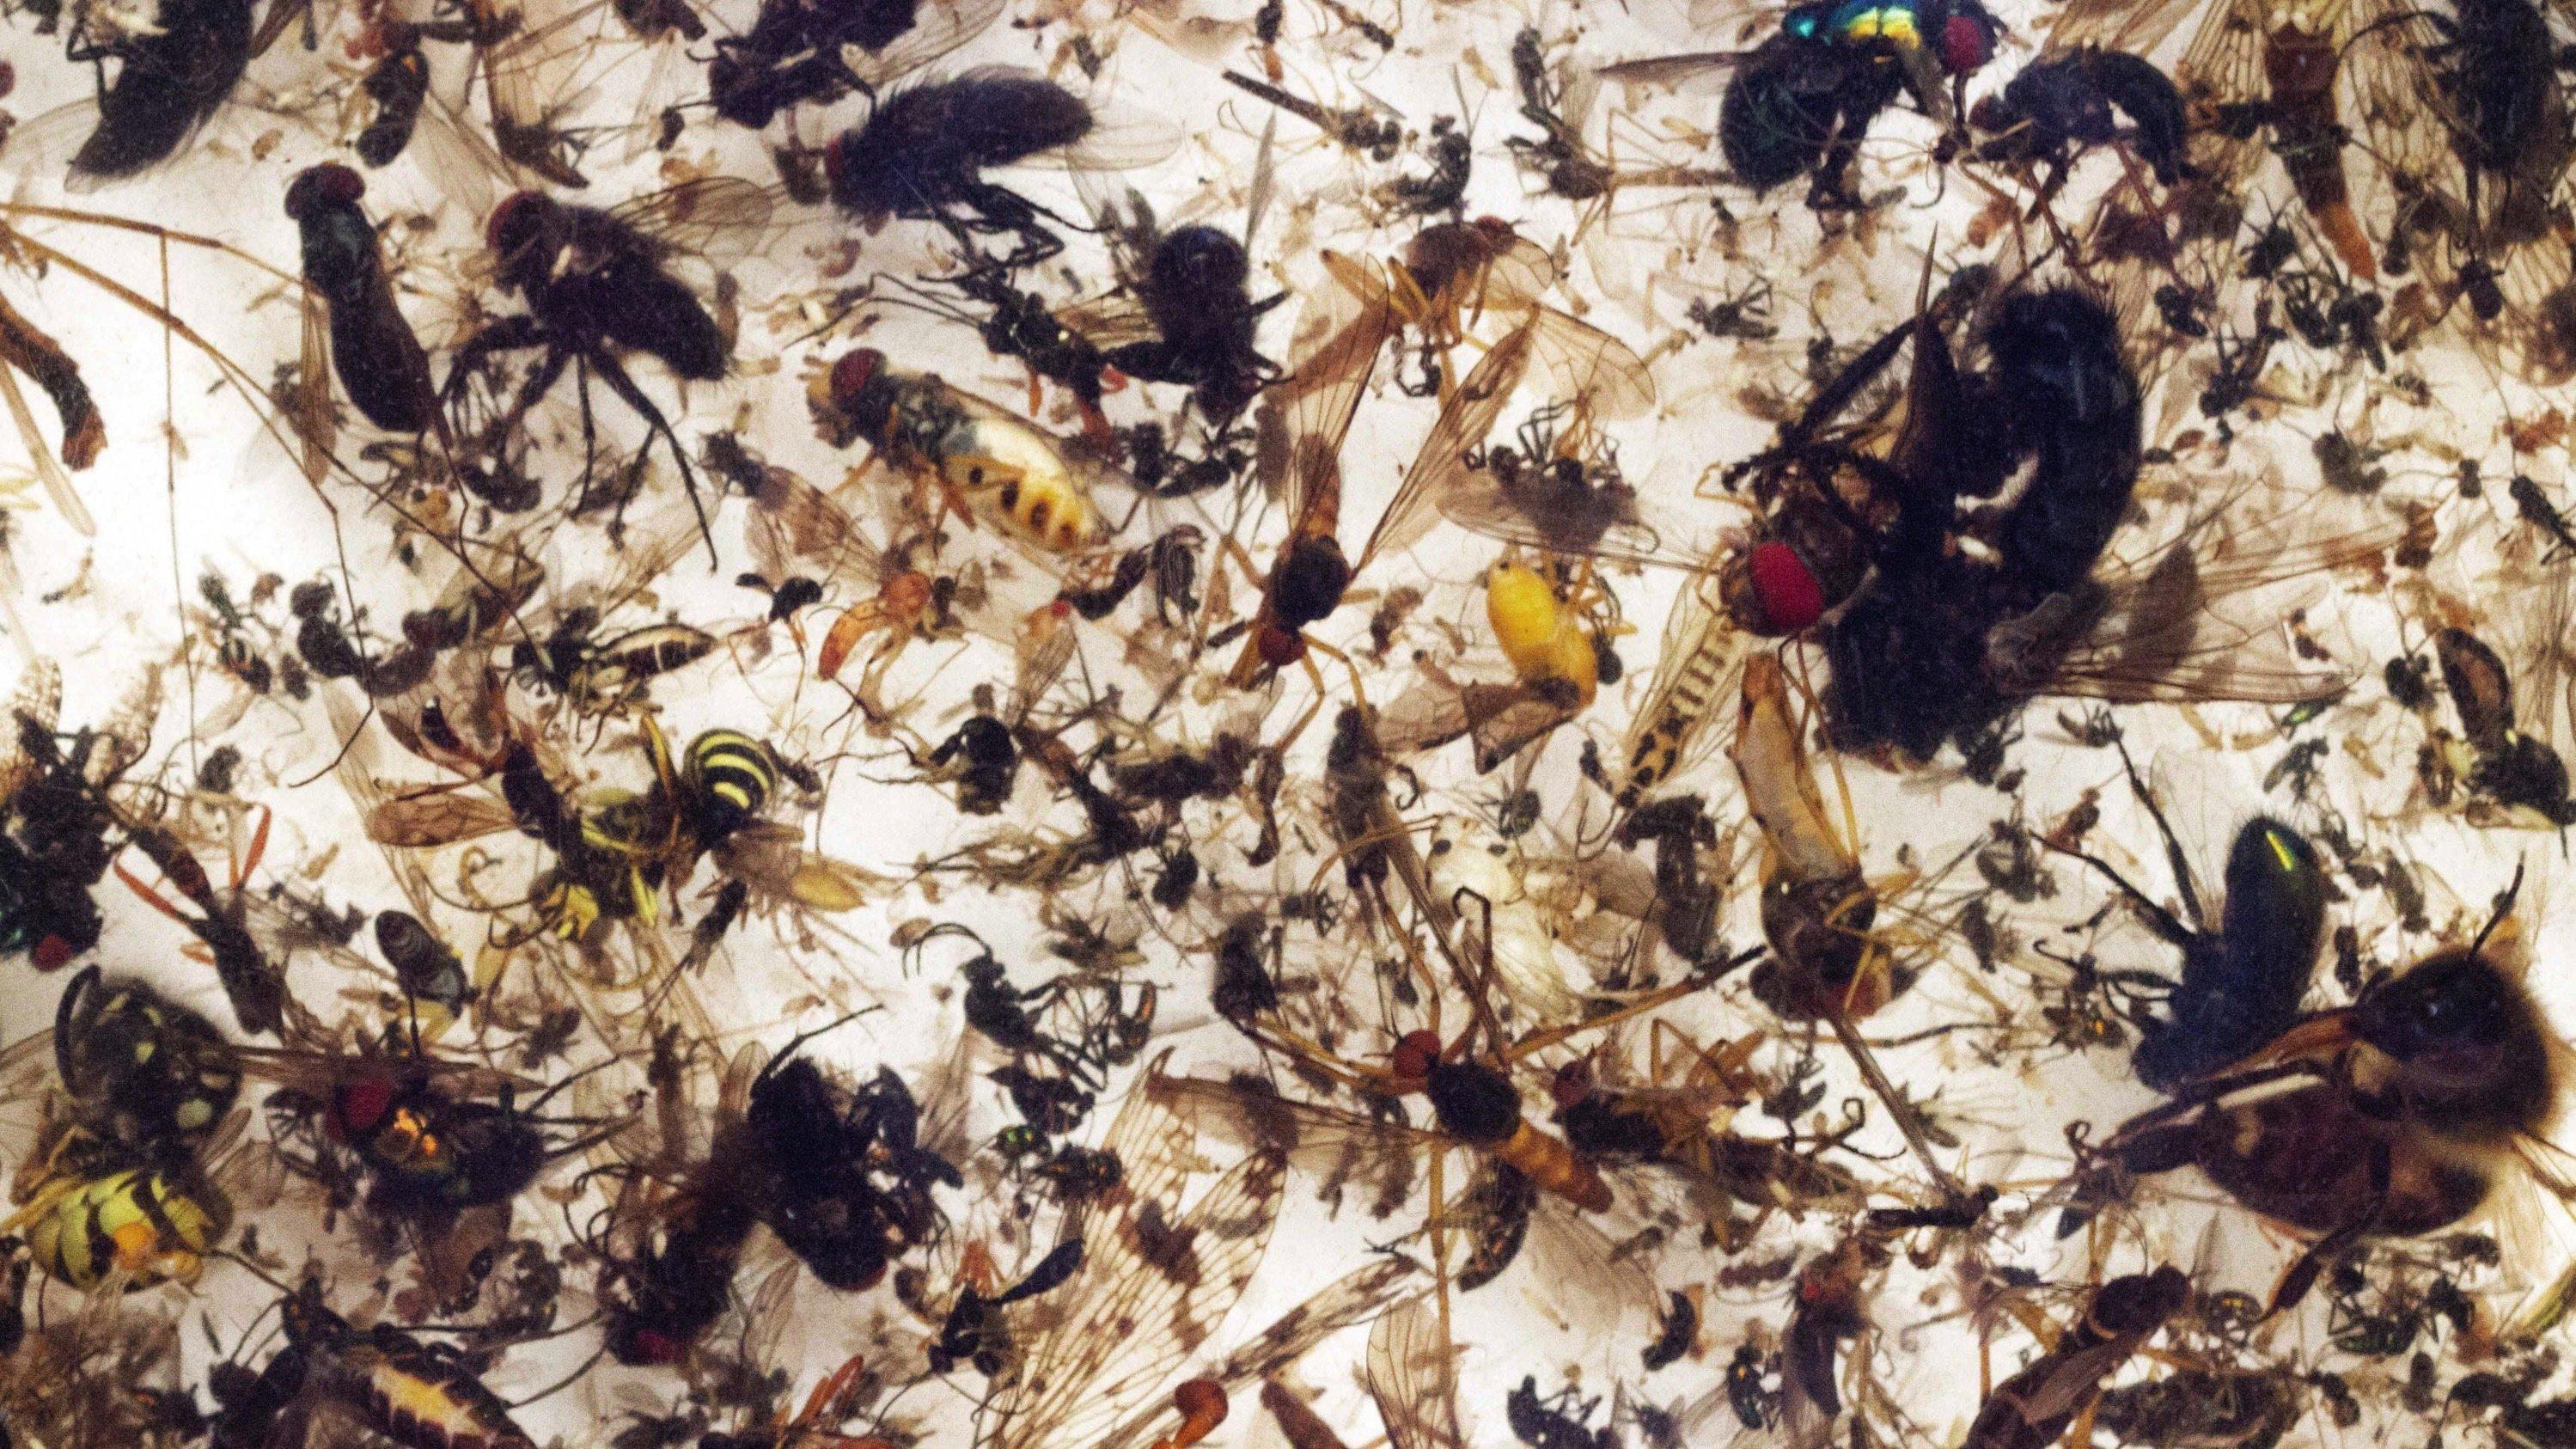 Ein Bild von sehr vielen verschiedenen Insekten.